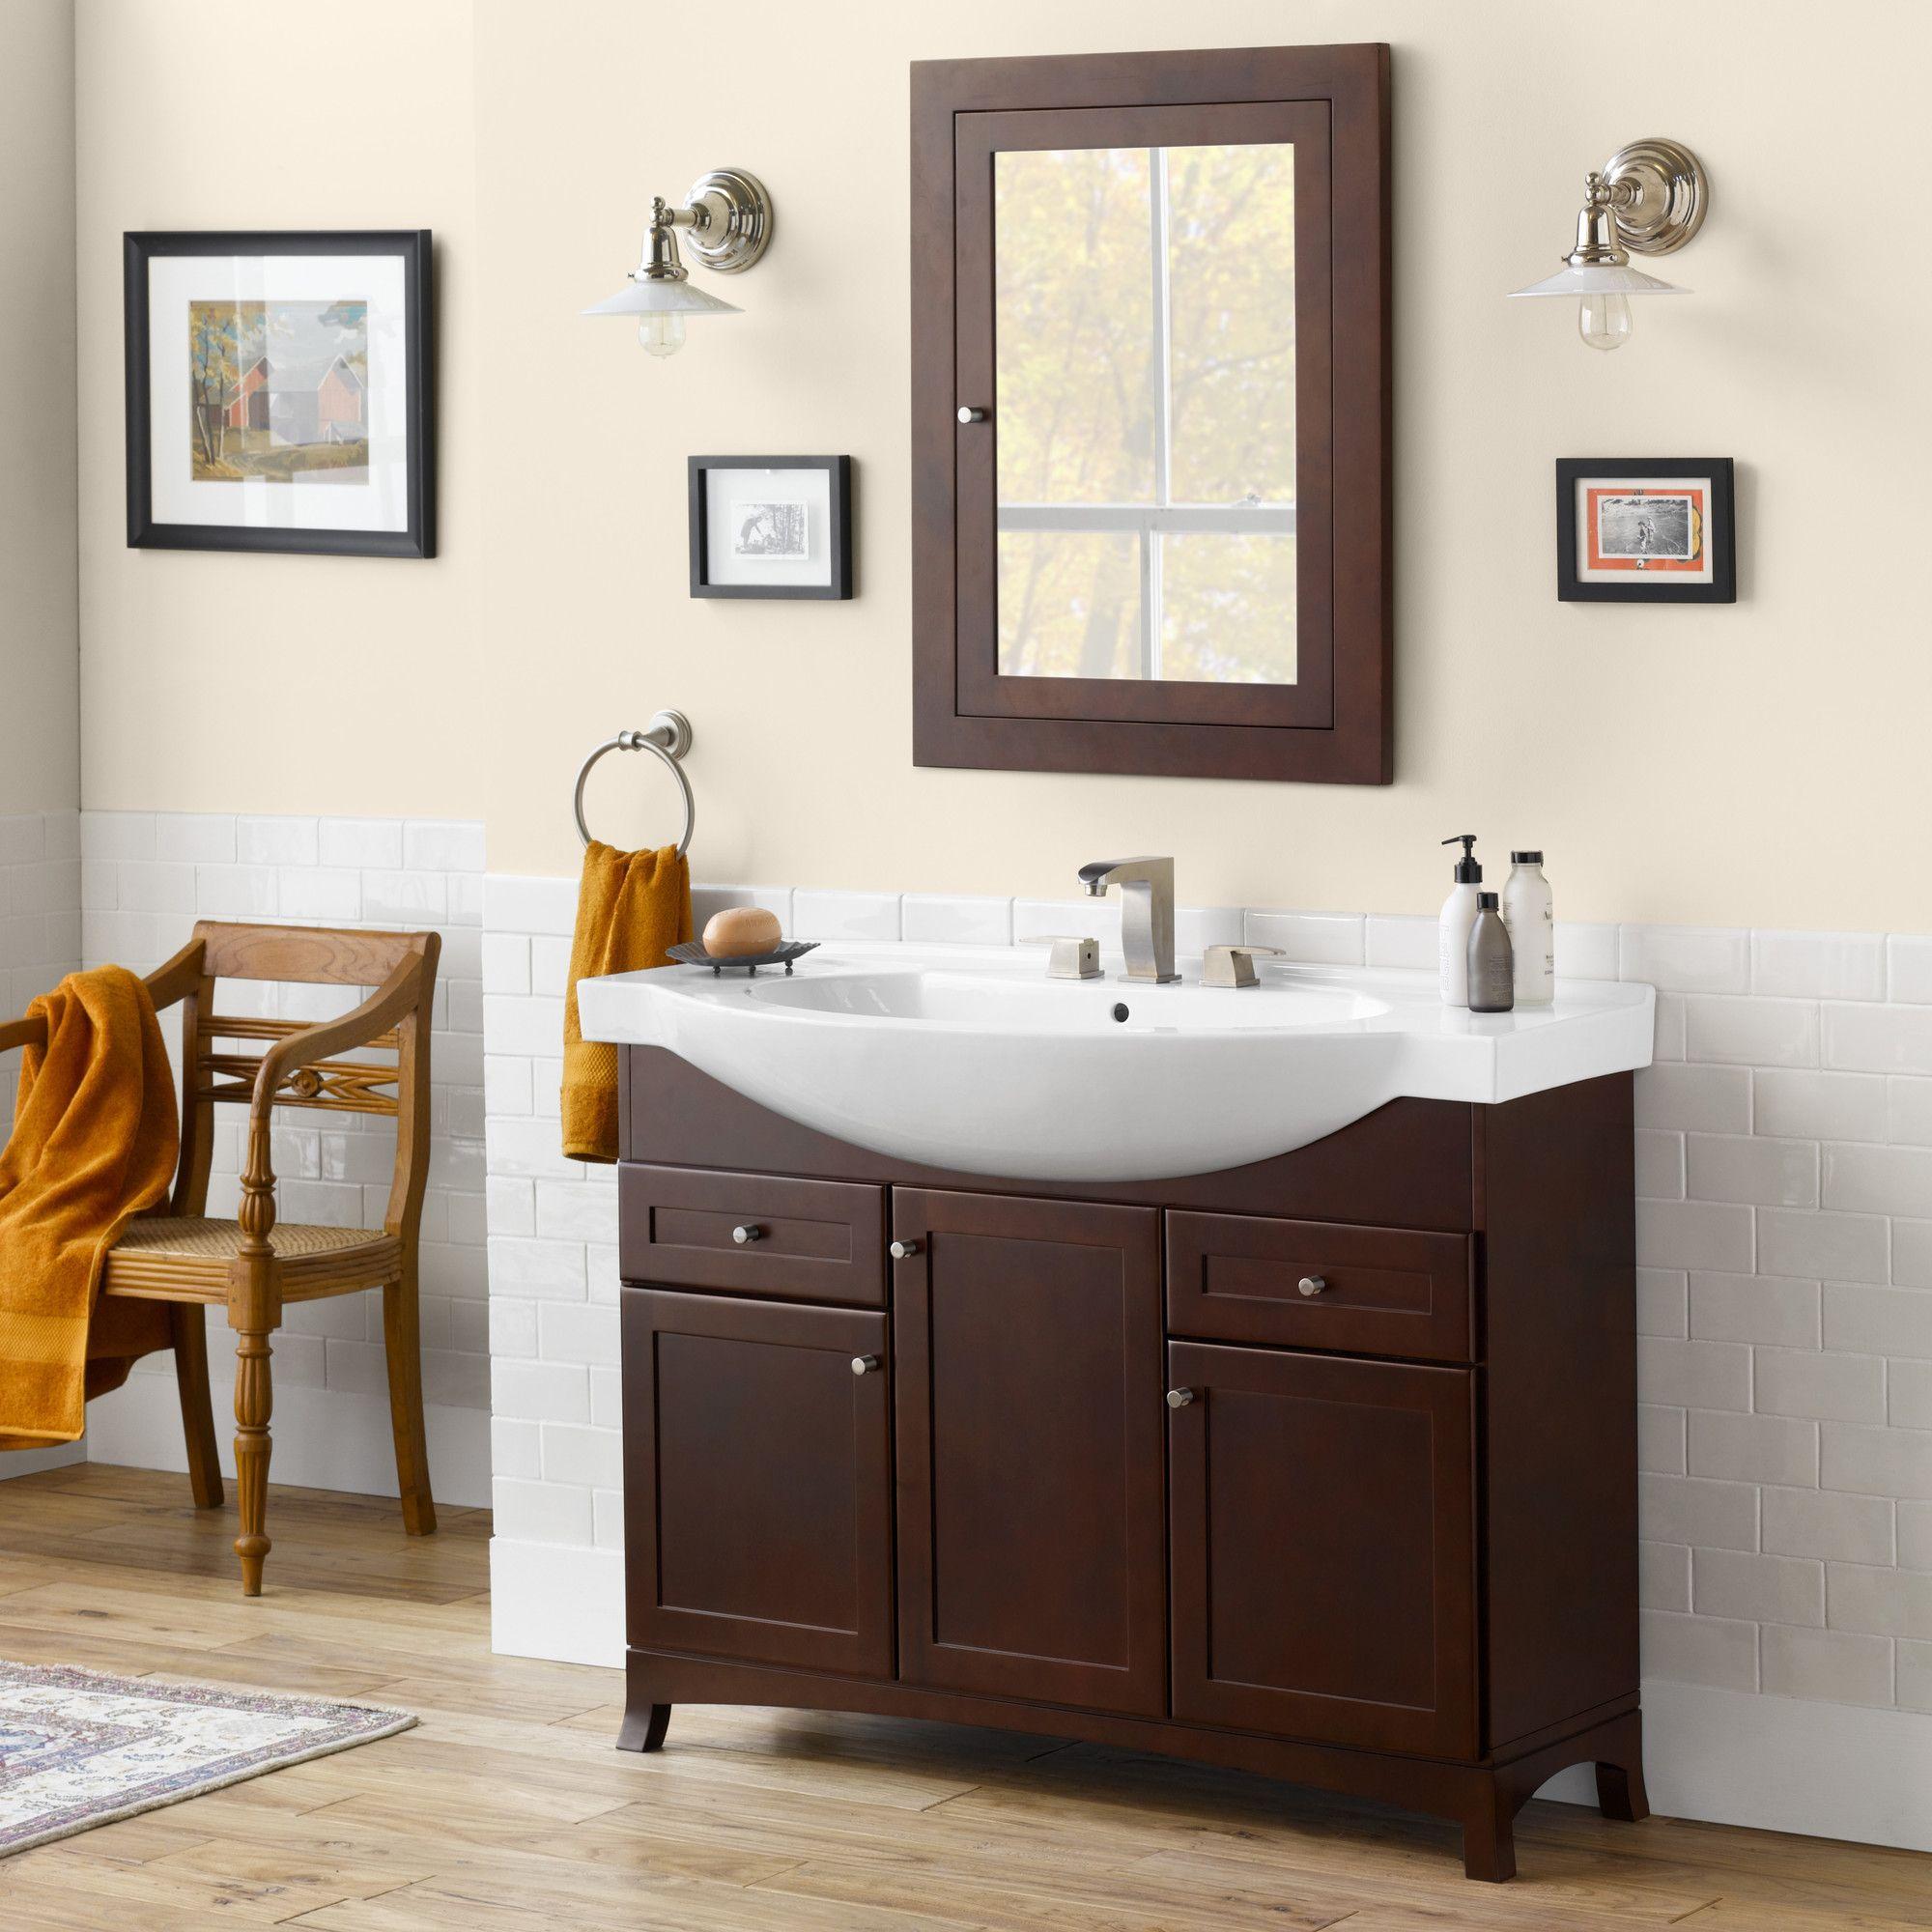 Gallery One Adara Single Space Saver Bathroom Vanity Set Wayfair